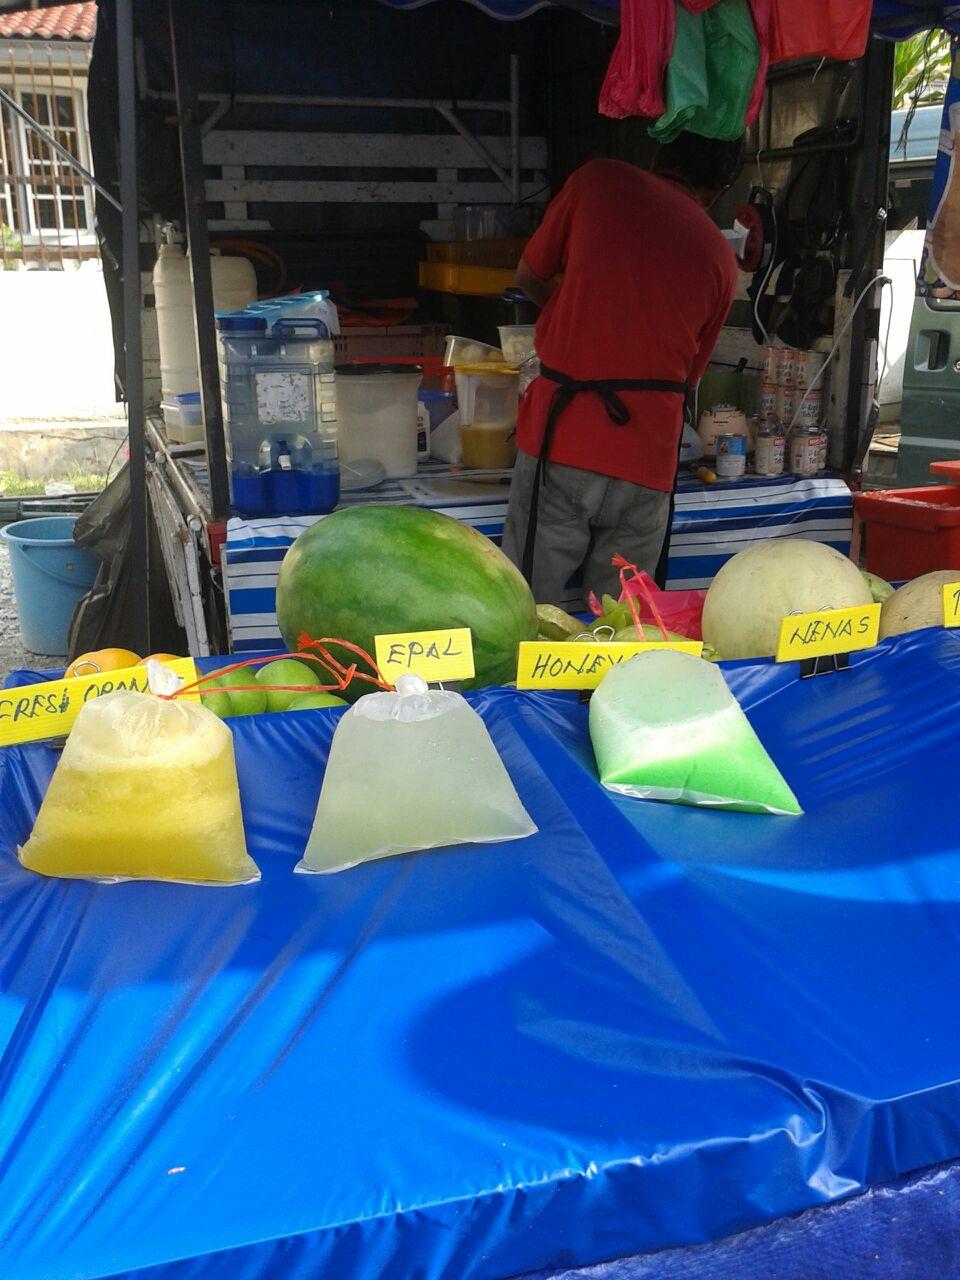 Hairi Juice Di Tapak 25 & 26 Di Bazar Ramadhan 2015 Selayang Mall